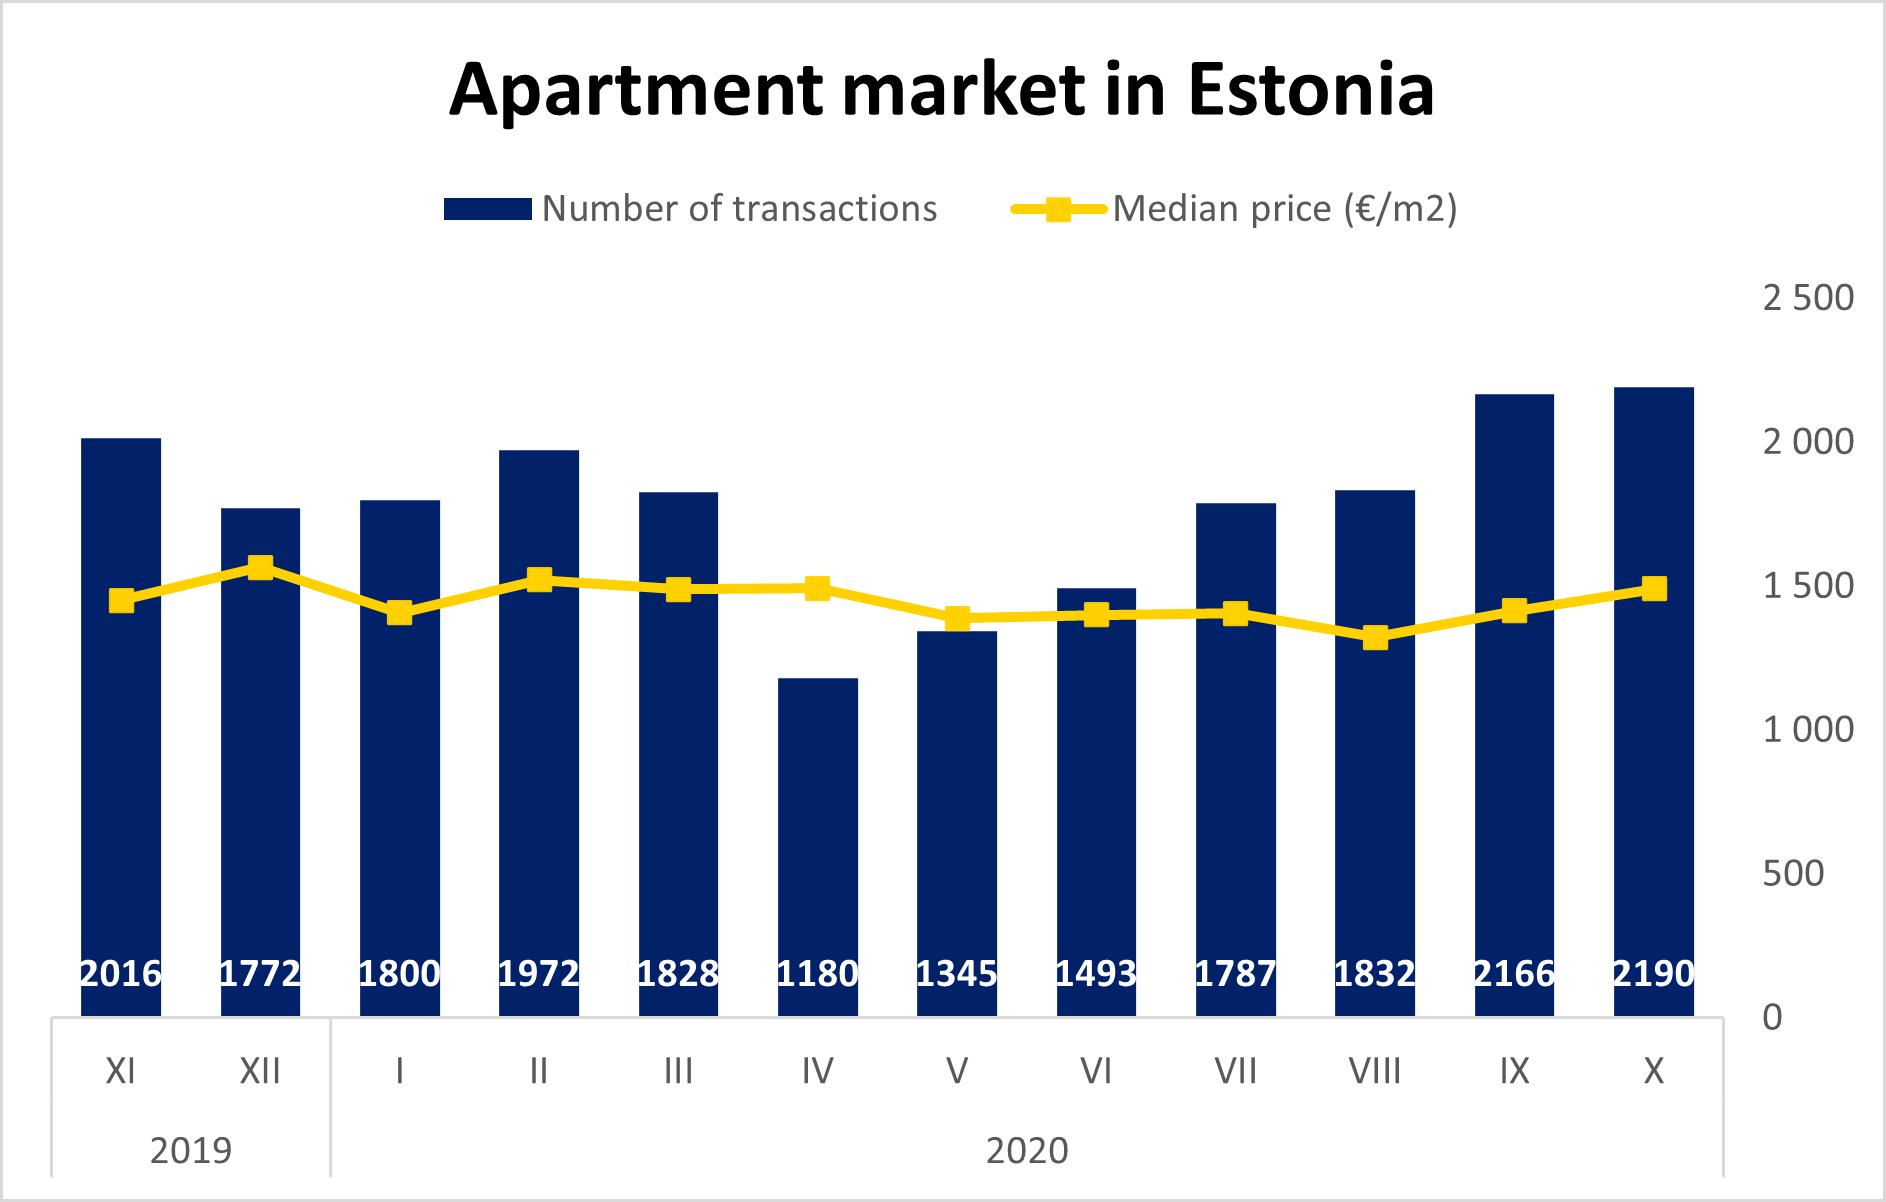 Apartment market in Estonia